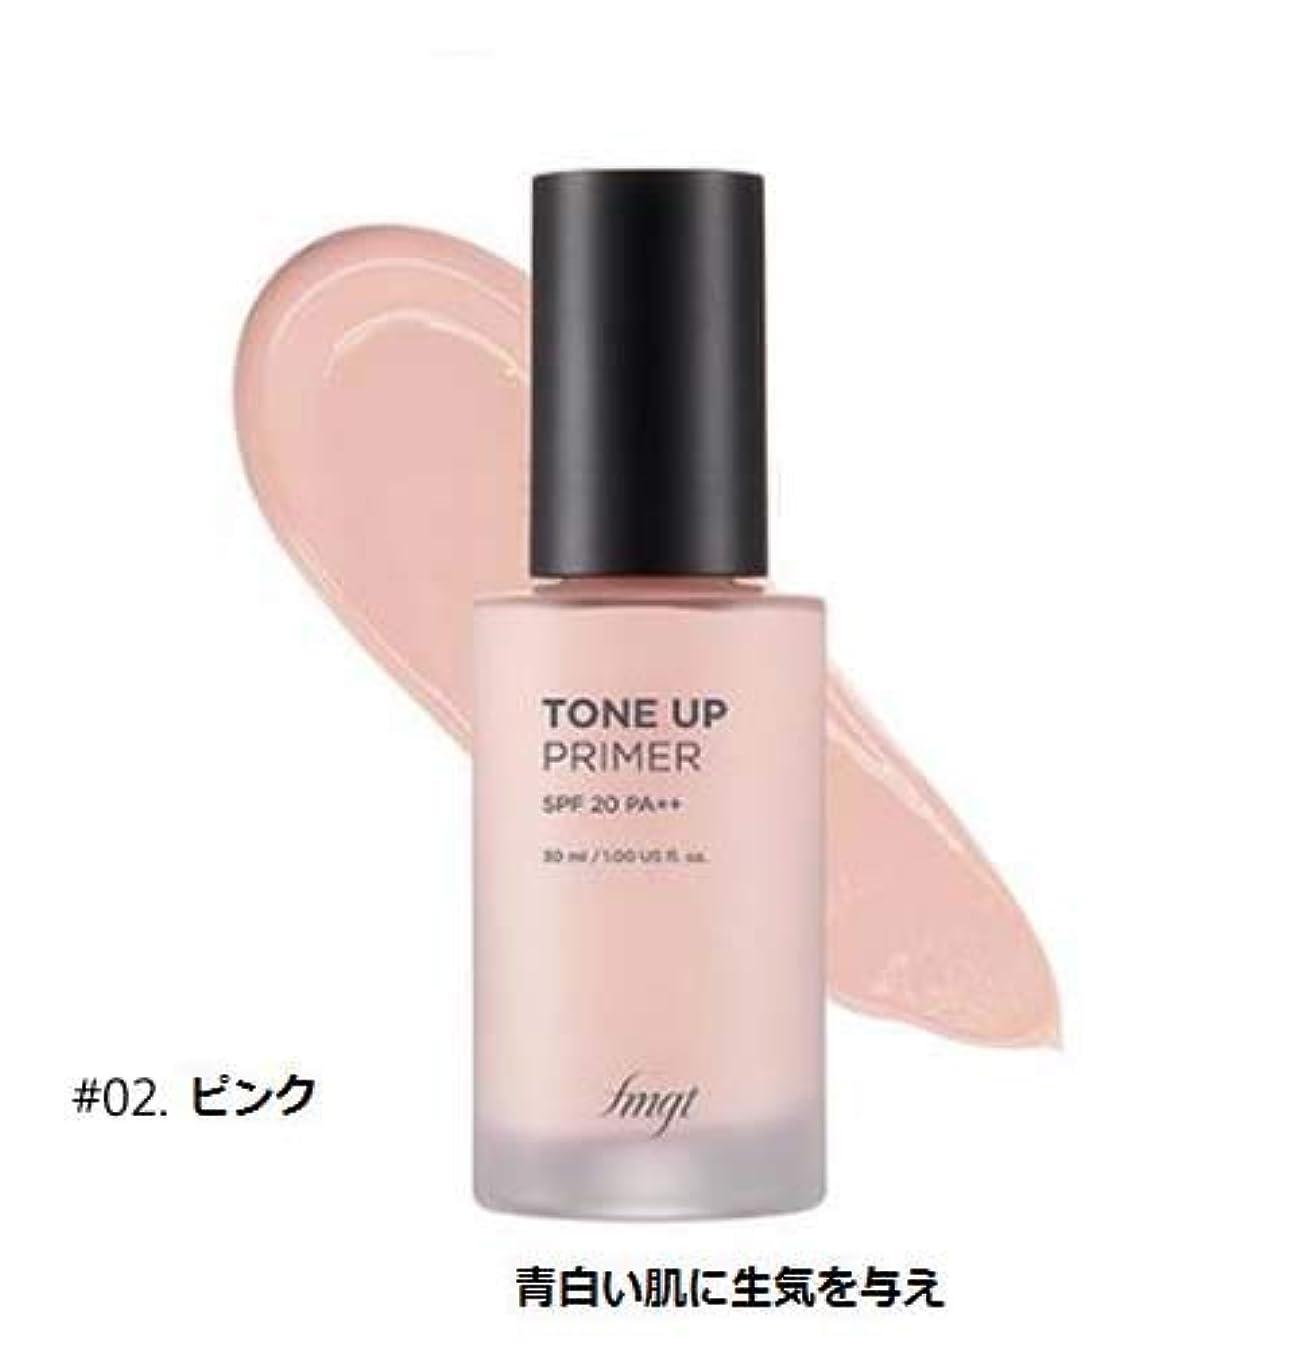 機知に富んだ狂信者ライター[ザ?フェイスショップ] THE FACE SHOP [トンオプ プライマー 30ml] (Tone Up Primer SPF20 PA++ 30ml) [海外直送品] (#02. ピンク)